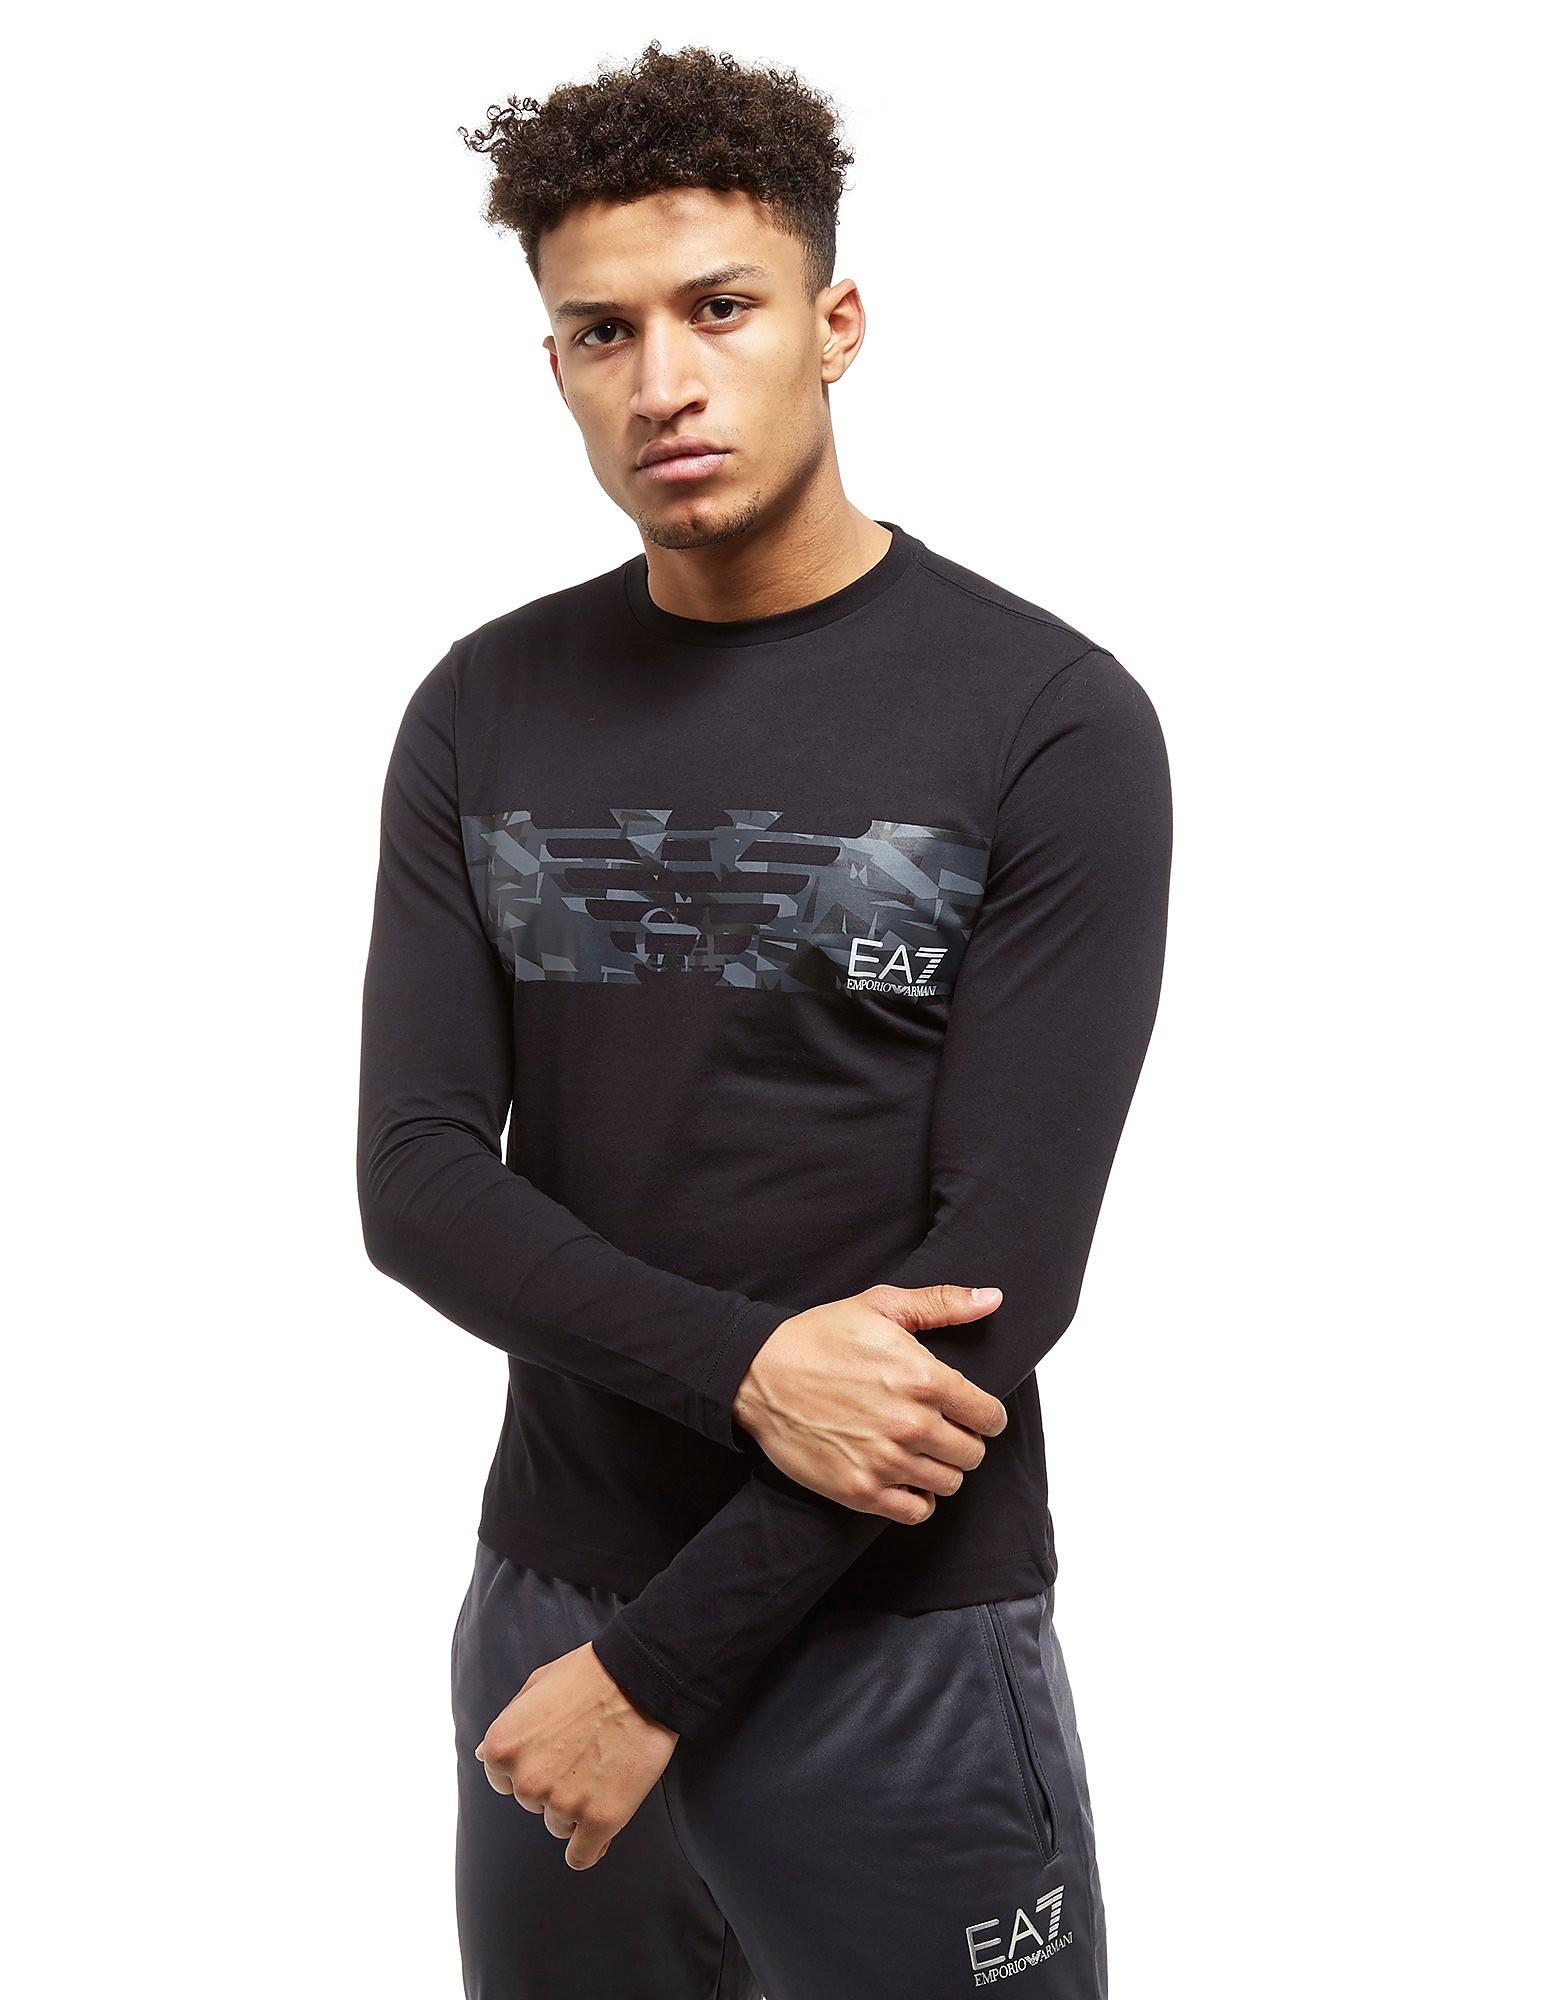 Emporio Armani EA7 Eagle T-Shirt Homme - noir/gris, noir/gris